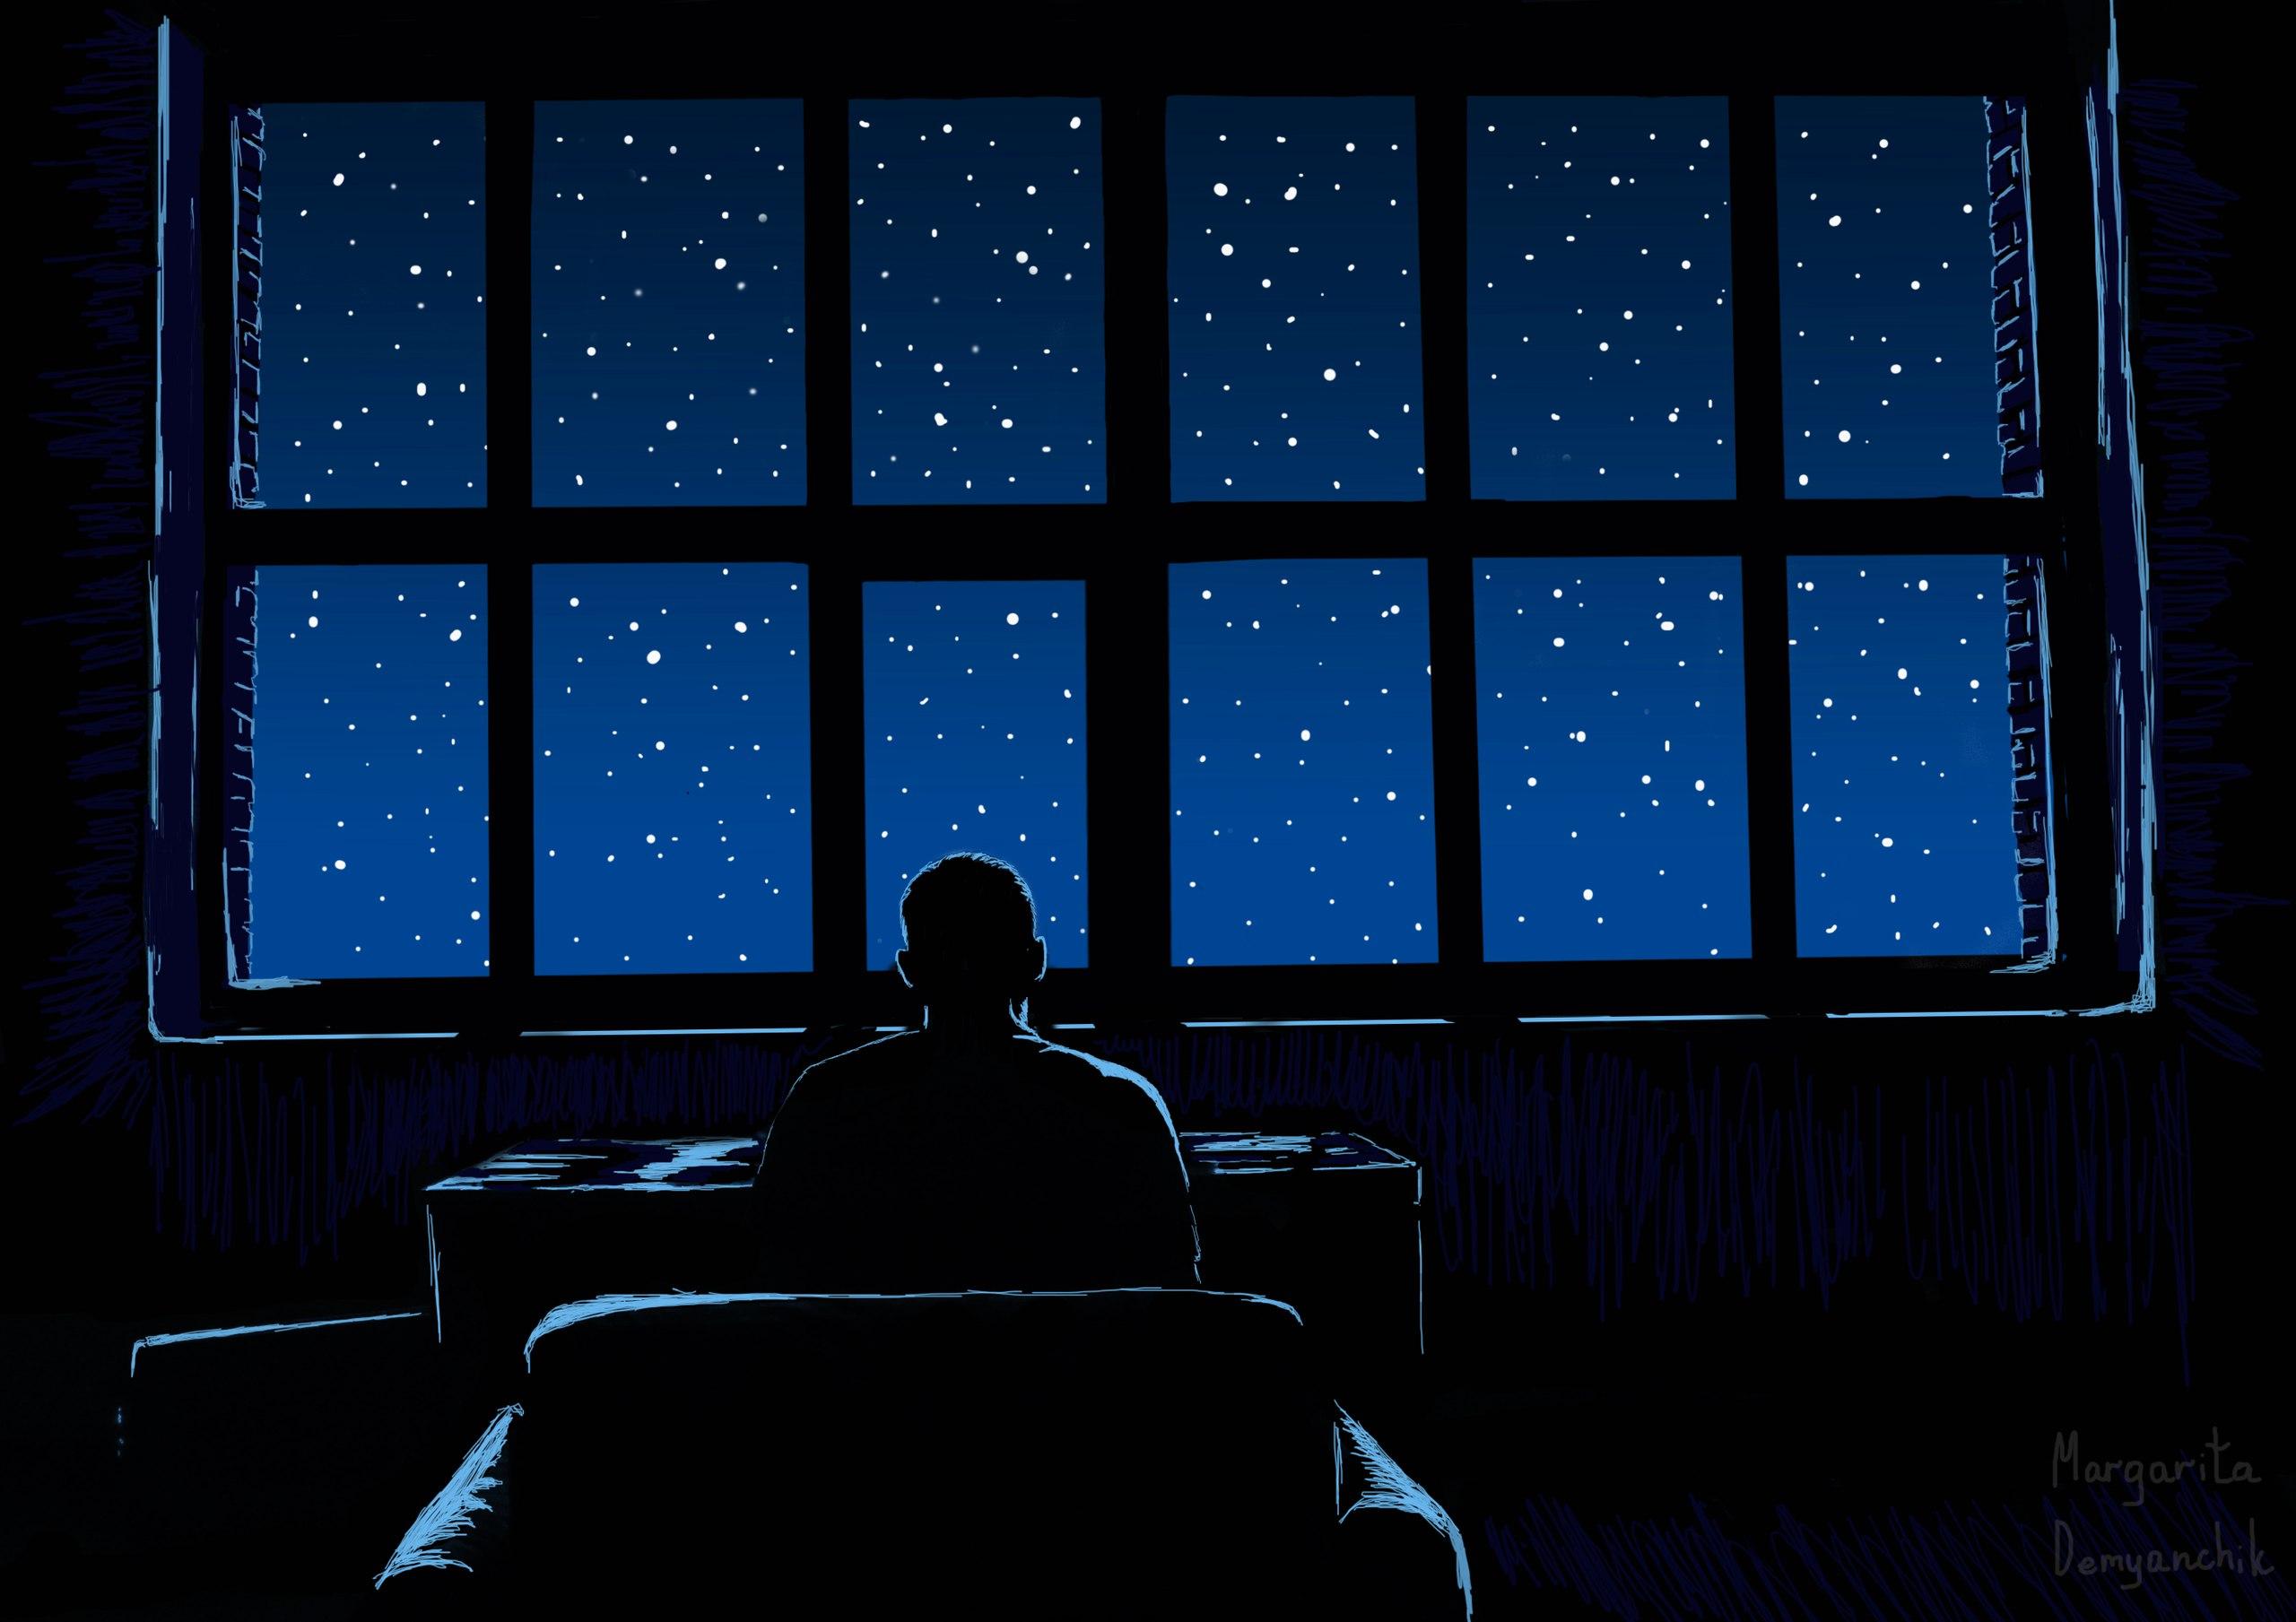 Звёздное небо и космос в картинках - Страница 5 ZGdegsmcgrM